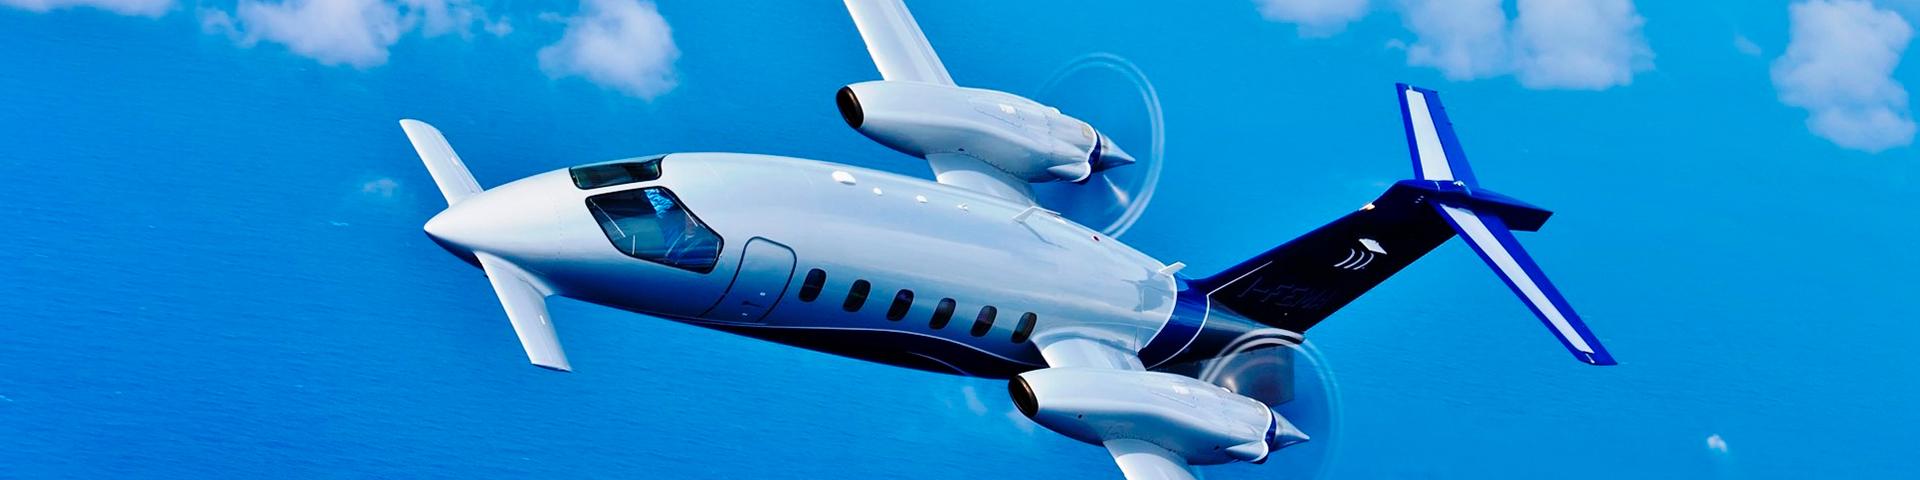 Piaggio Avanti II Private Jet1 - Piaggio Avanti II Private Jet